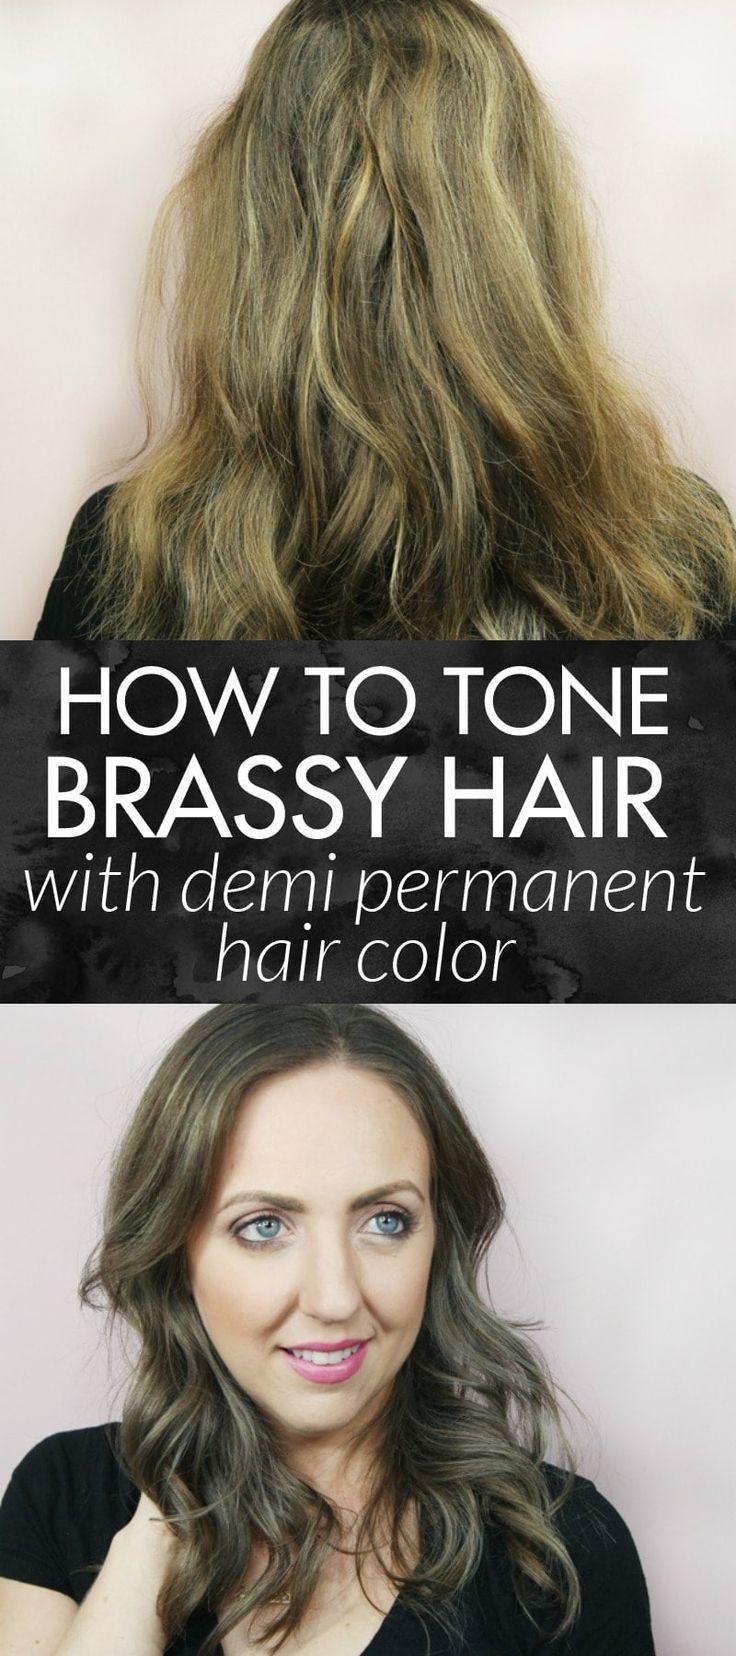 Best Toner For Brassy Hair